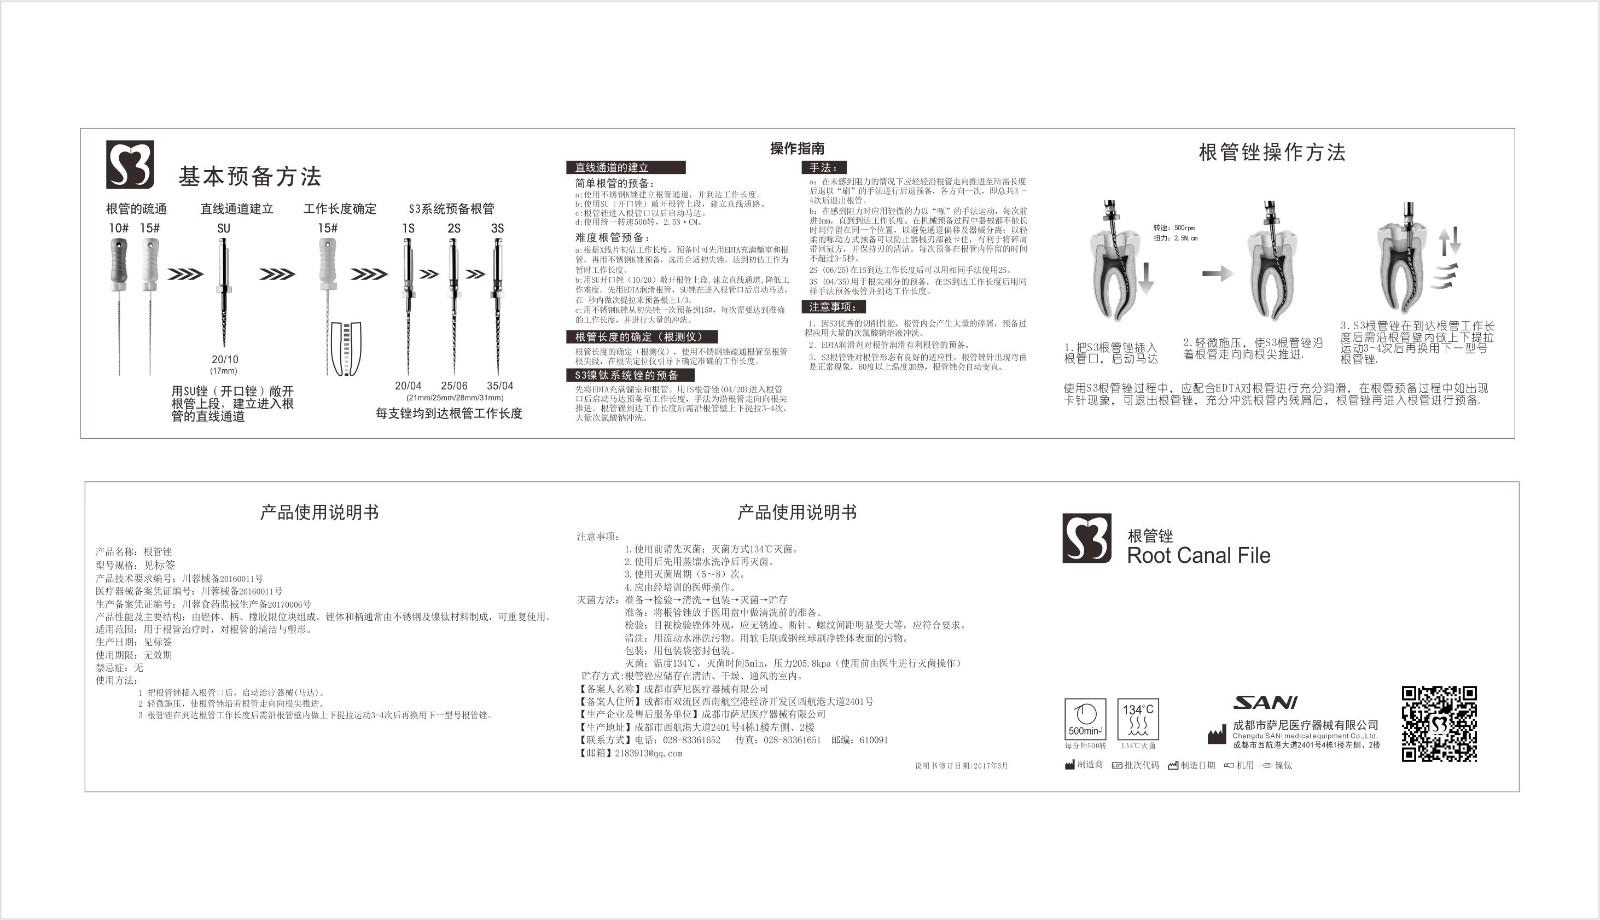 S3黑白说明书(亚博国际版)最终.jpg